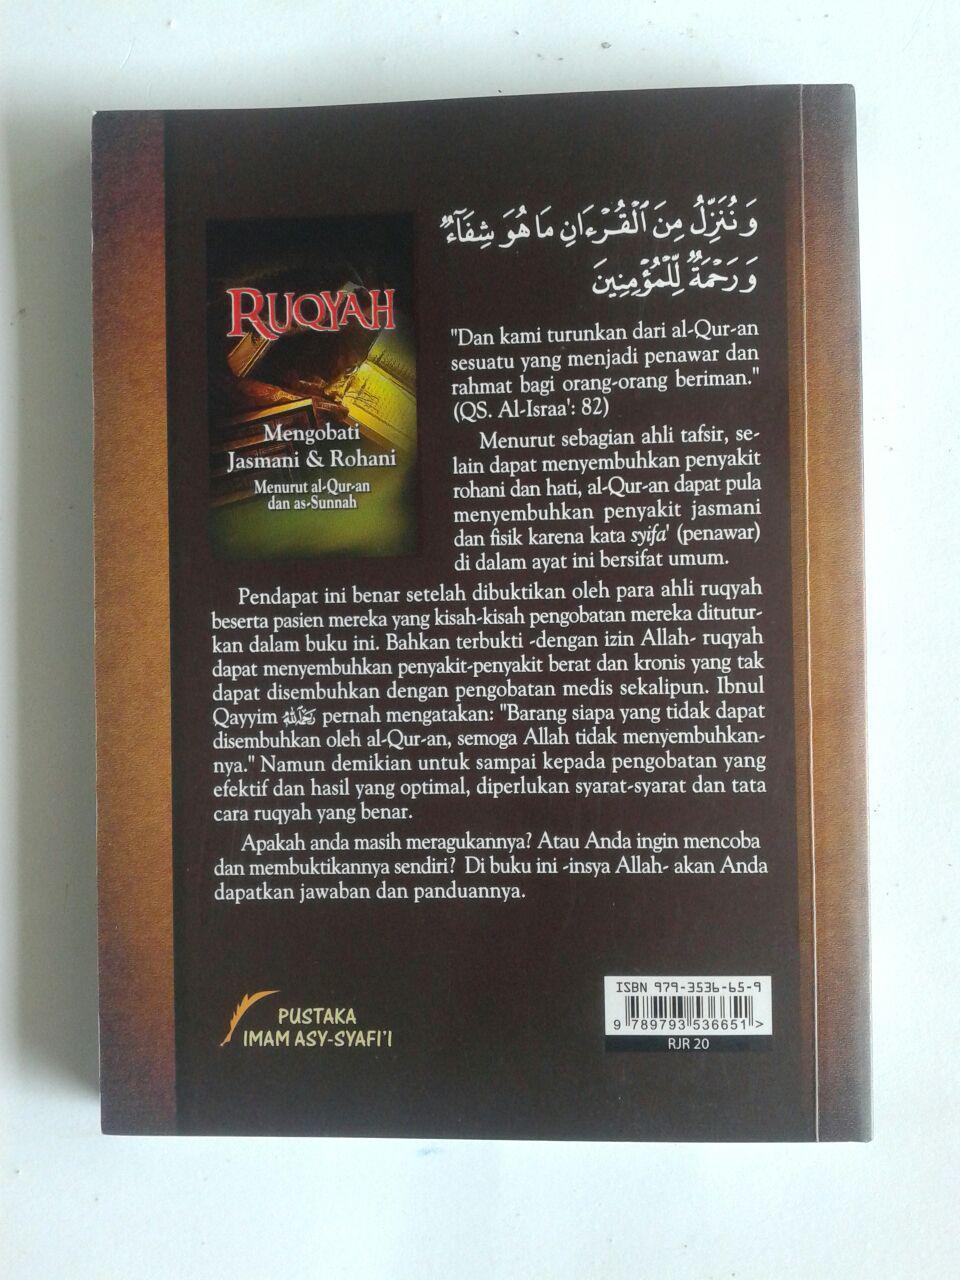 Buku Ruqyah Mengobati Jasmani & Rohani cover 2